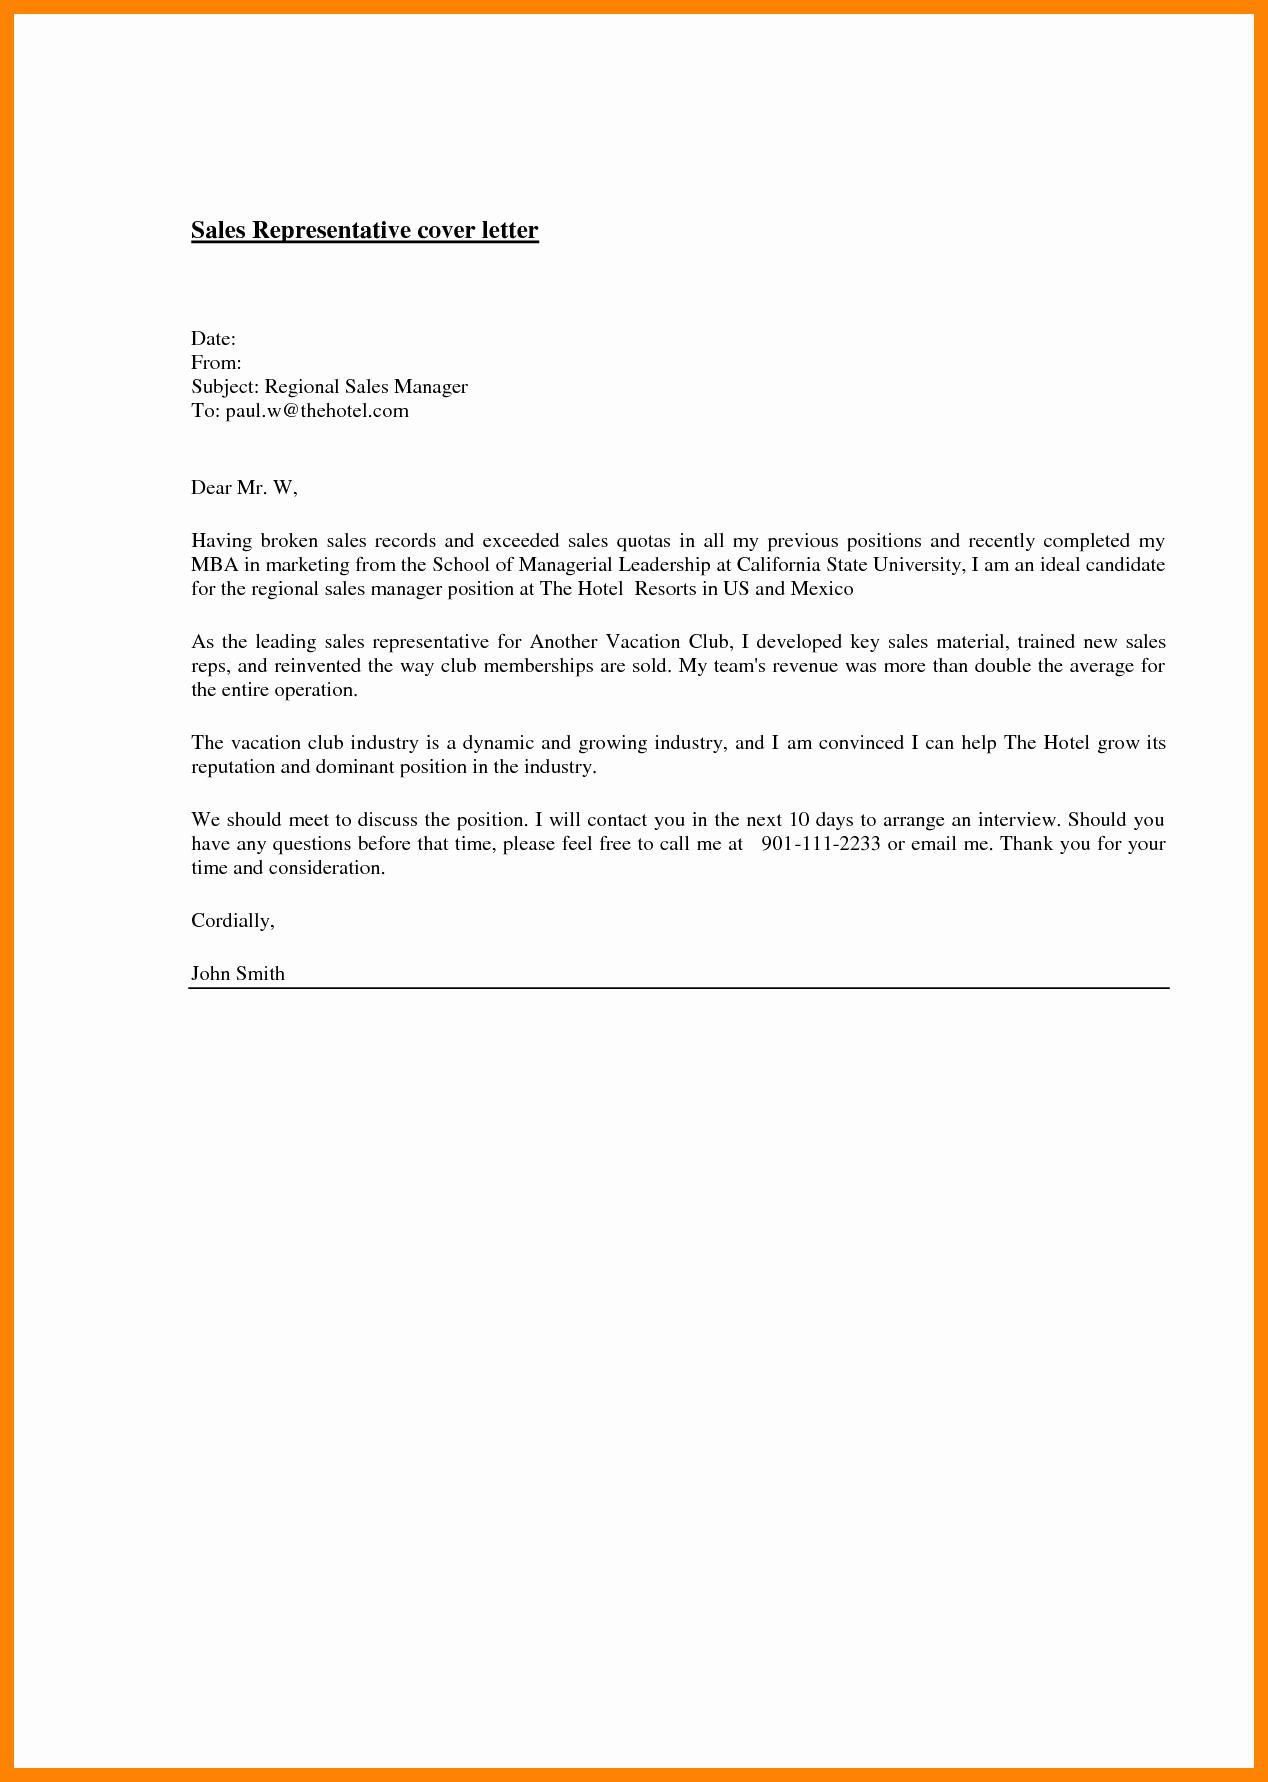 Medical Sales Cover Letter Best Of 10 Medical Sales Cover Letter